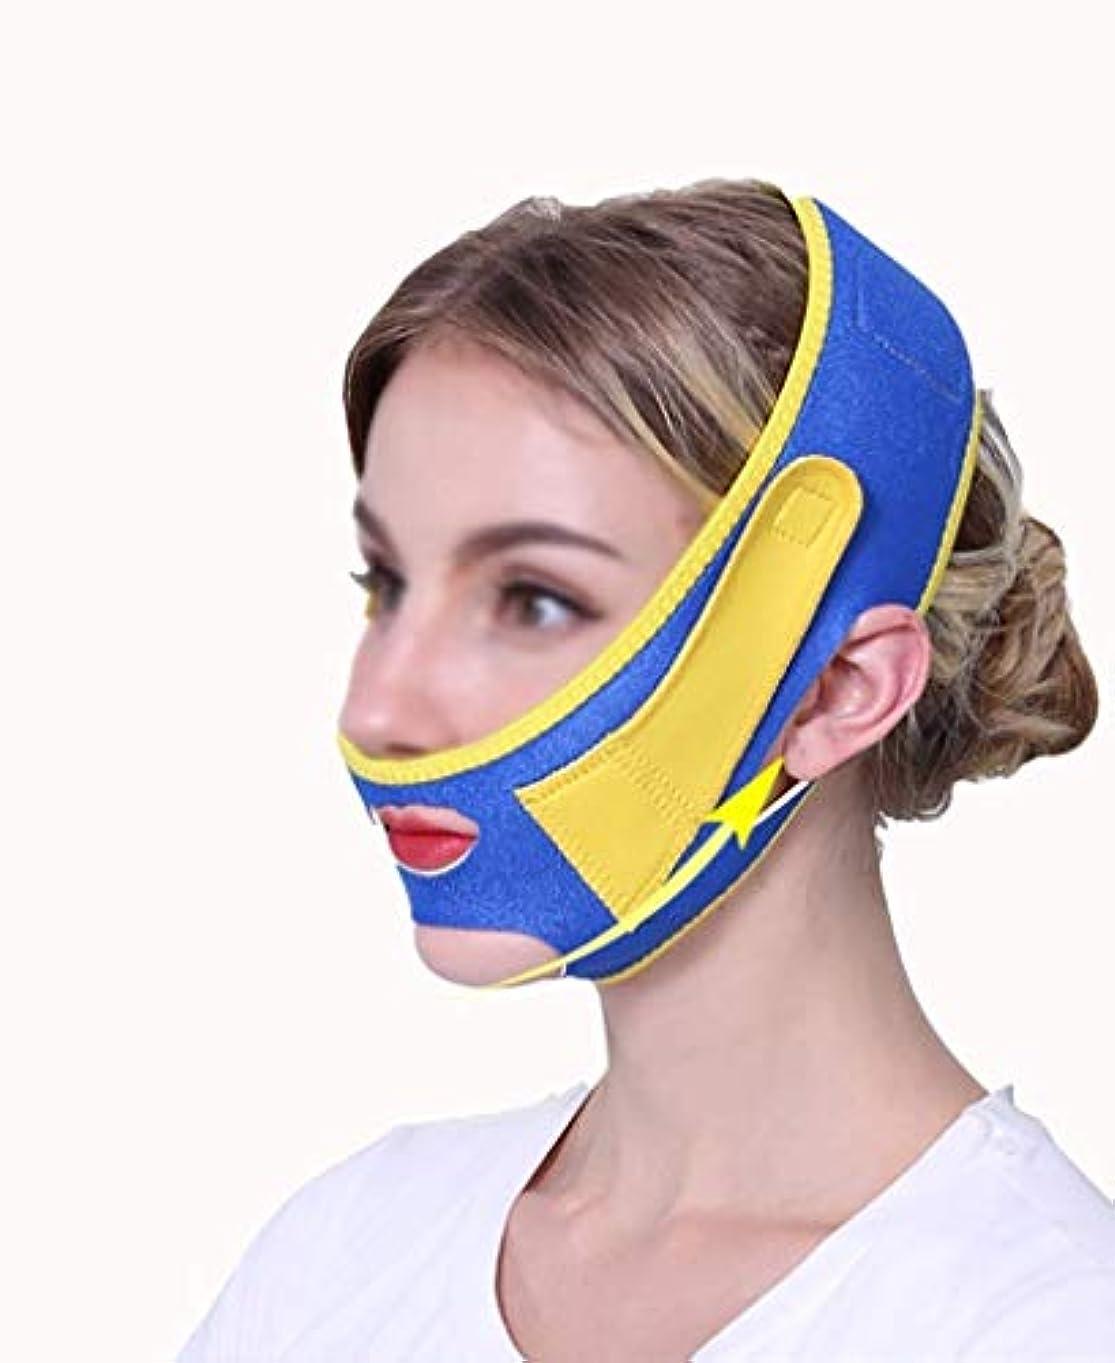 侮辱更新する絶対にフェイスリフトマスク、あごひも回復包帯薄いフェイスマスクVフェイスステッカーフェイスリフトステッカー韓国